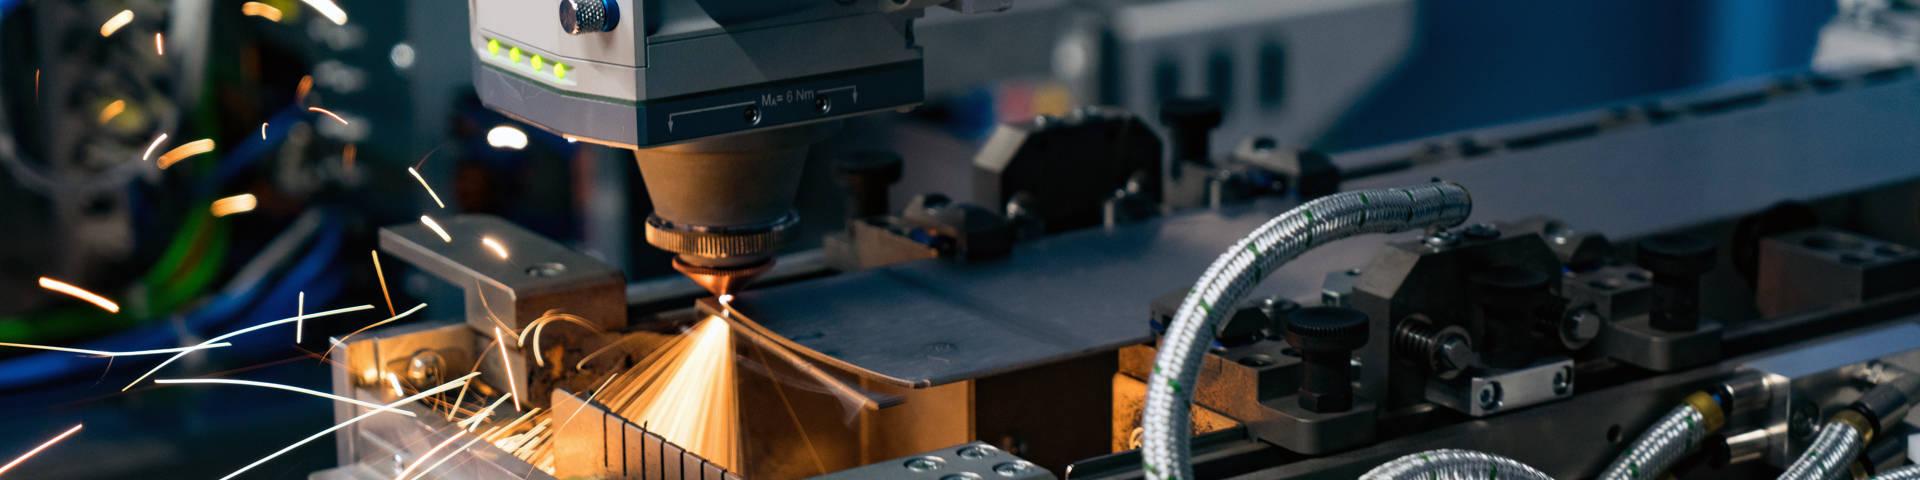 Laserschneiden_Produkte_Detail_HEADER_ProCutter_20_02